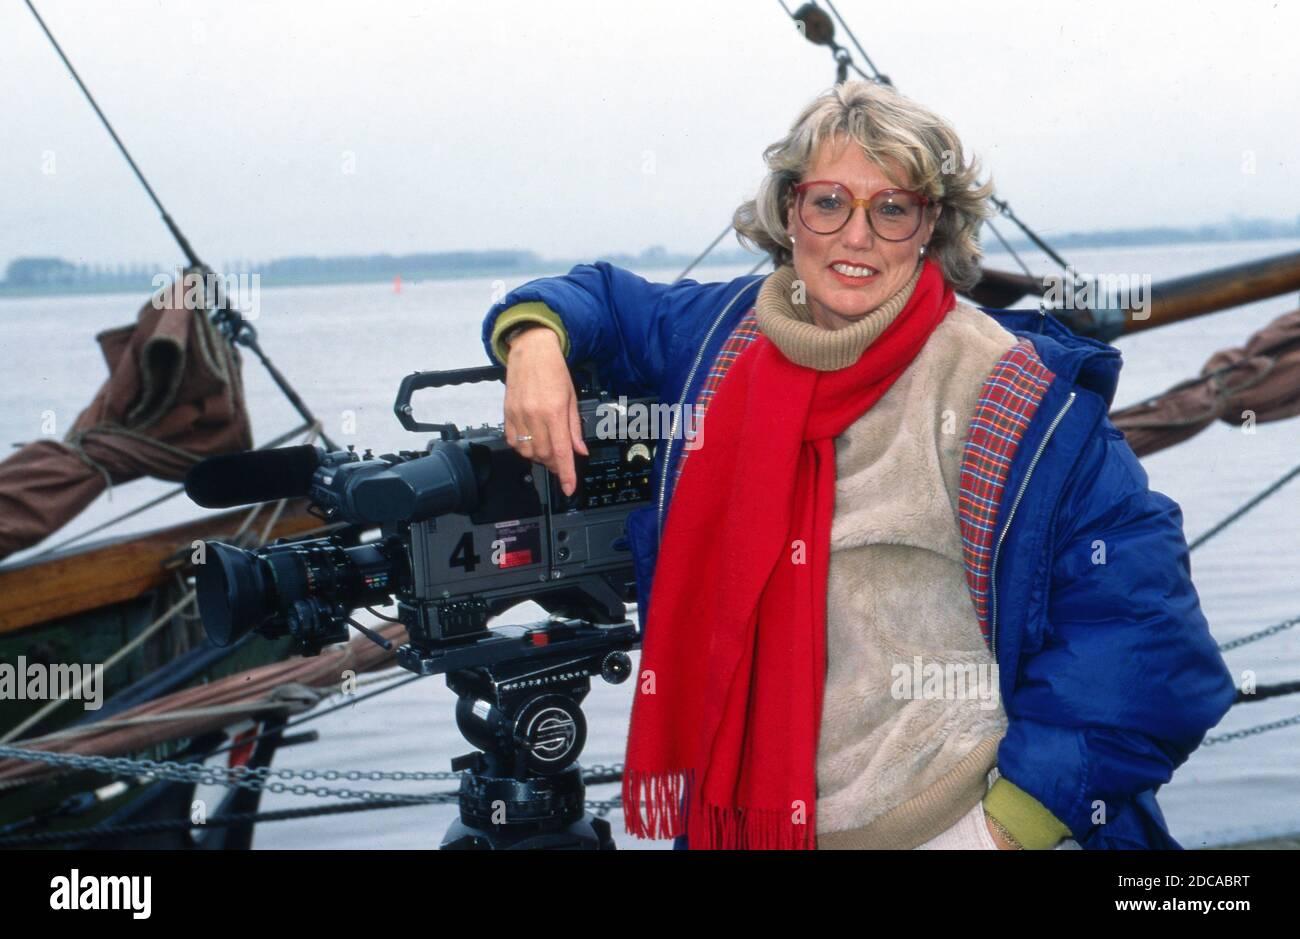 """Gisela Graichen, deutsche Fernsehjournalistin und Autorin, an Bord des Segelboots """"Heinrich Lühe"""" für die ZDF Archäolgie-Sendung """"C14"""", Deutschland 1991. Stock Photo"""